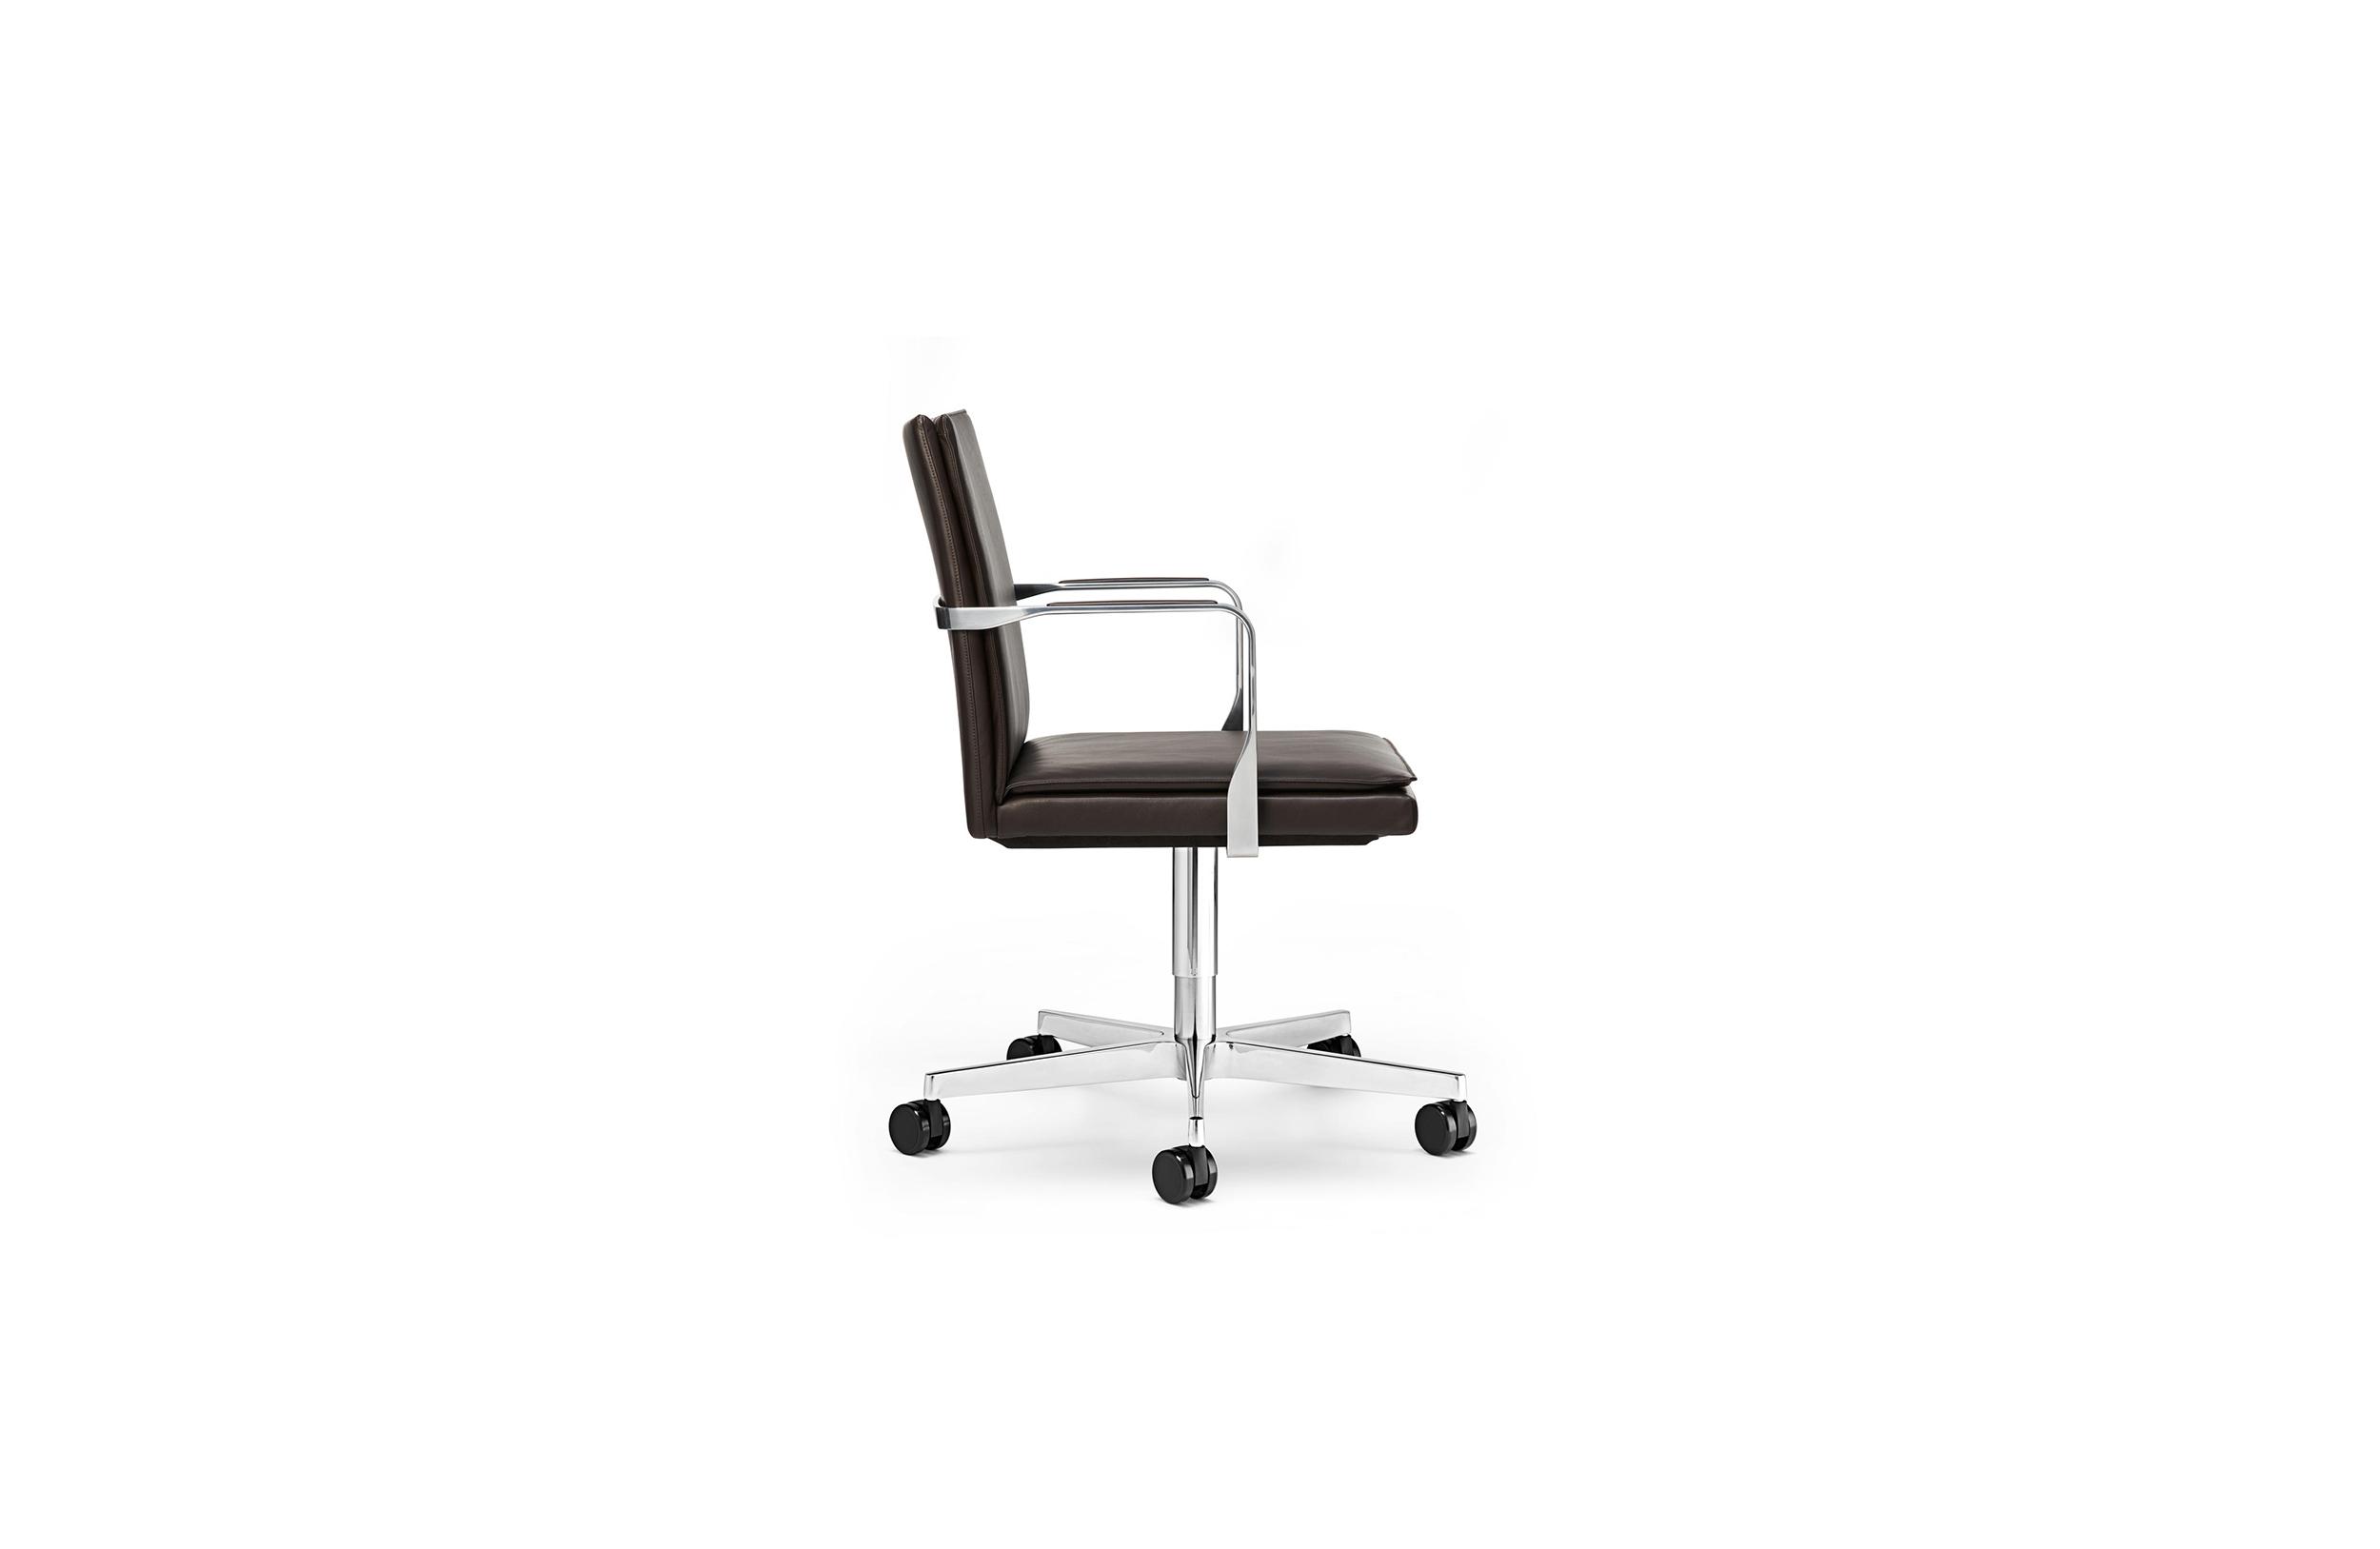 办公椅|职员椅|创意家具|现代家居|时尚家具|设计师家具|乔治职员椅